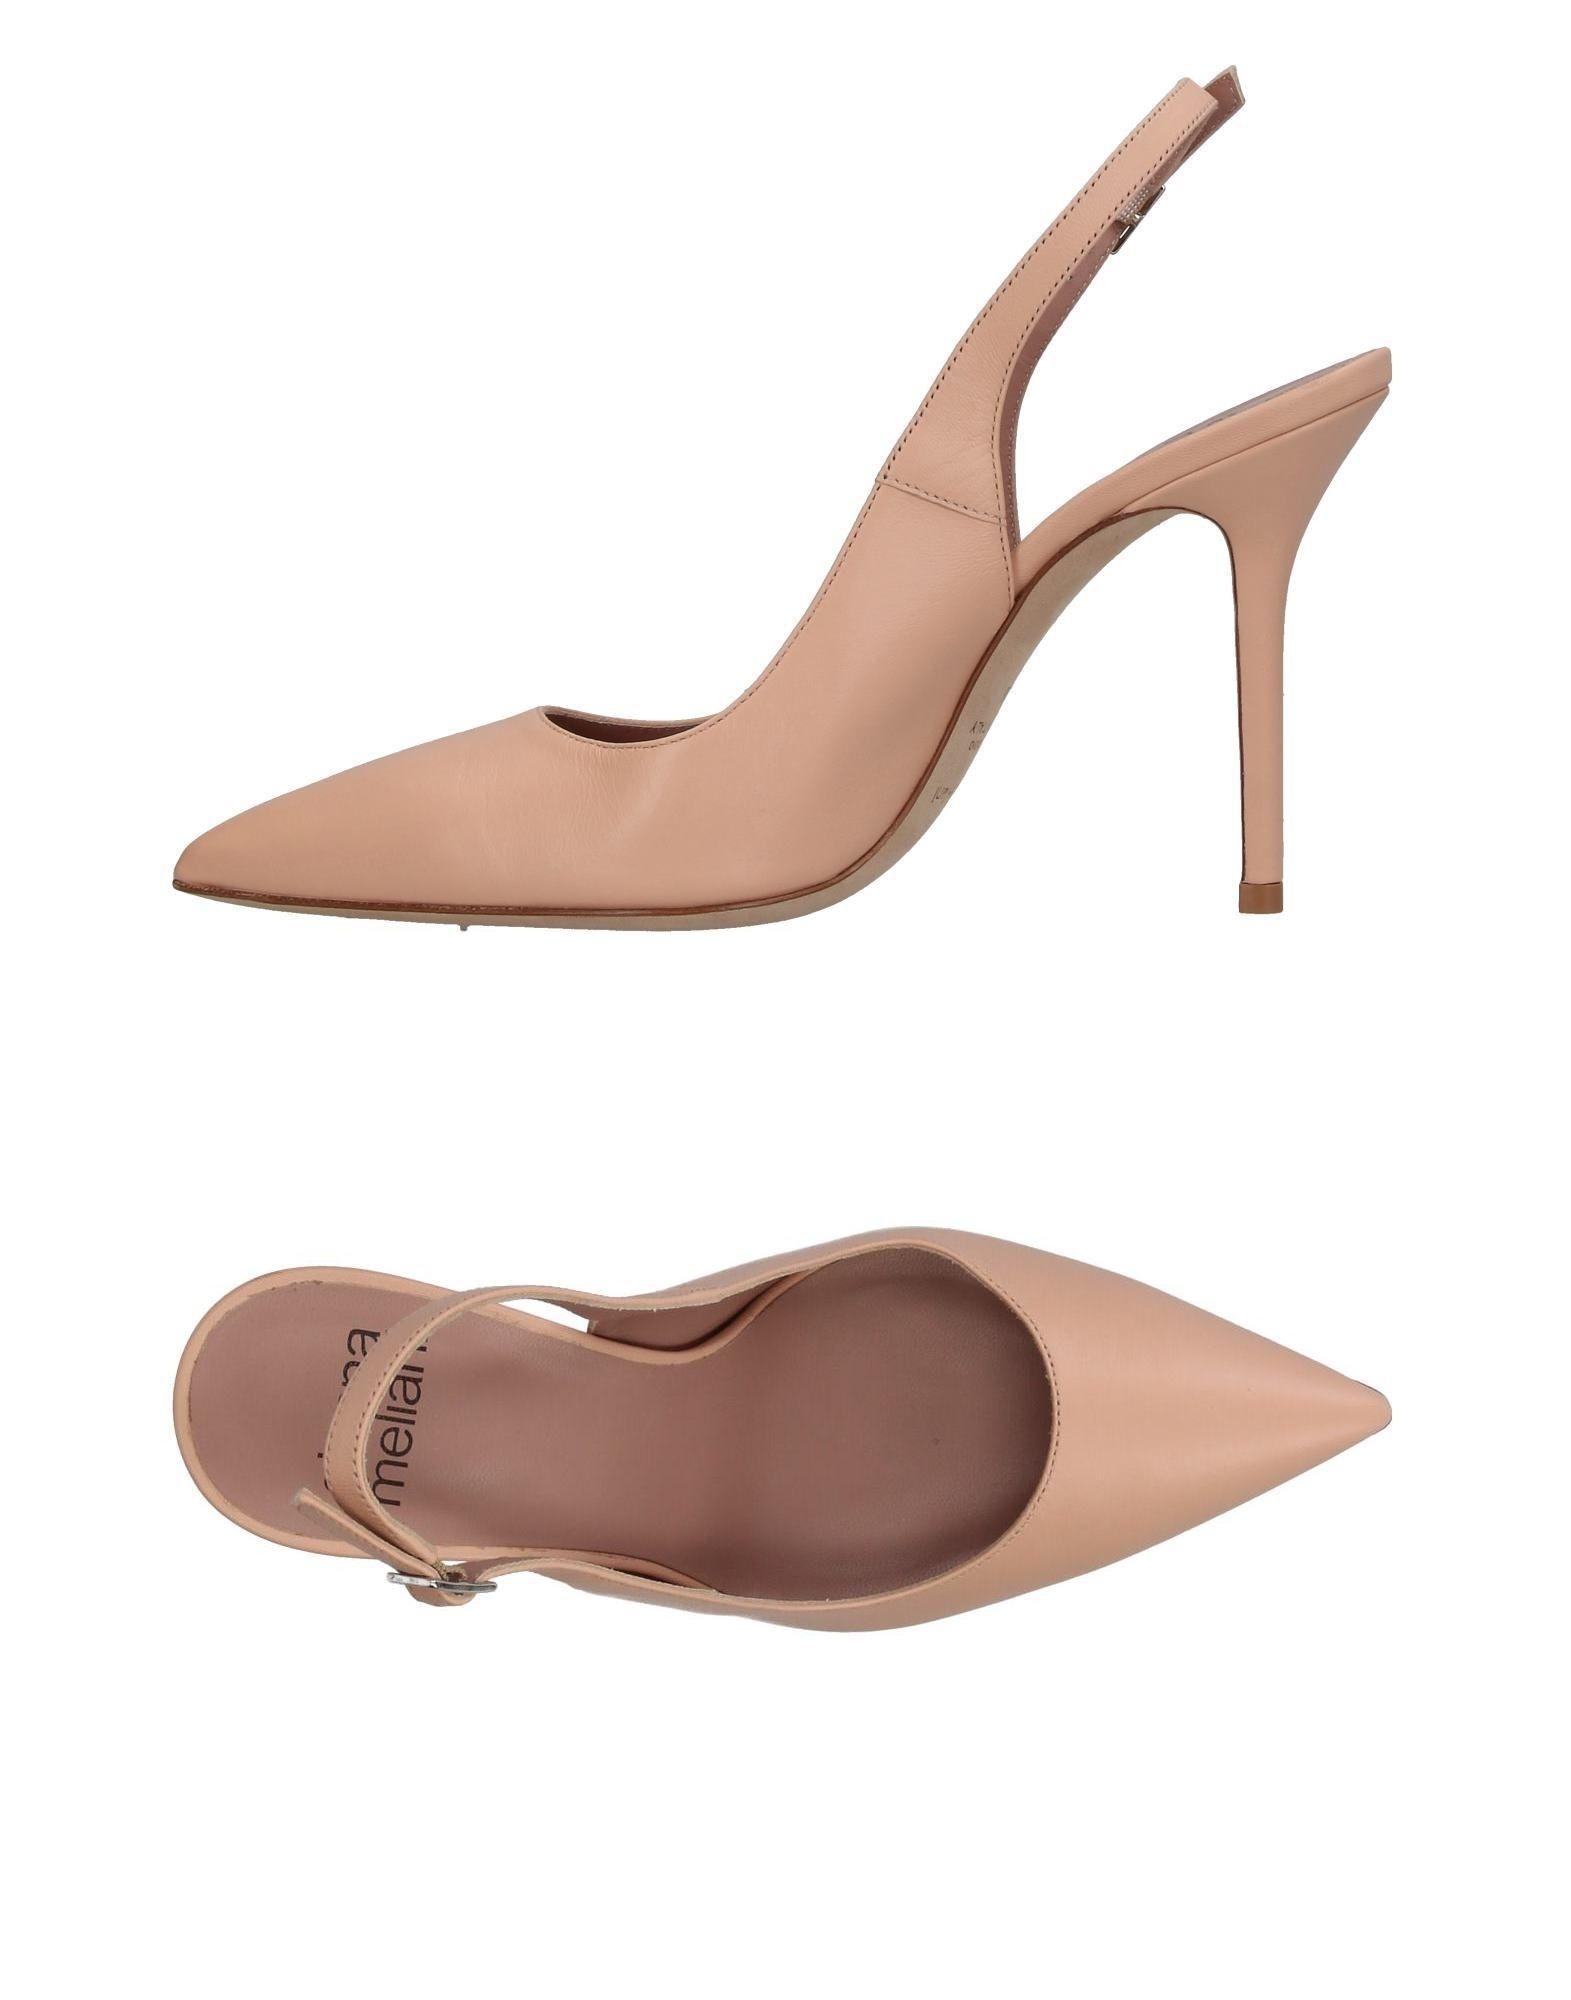 FOOTWEAR - Sandals Gianna Meliani qRAtA